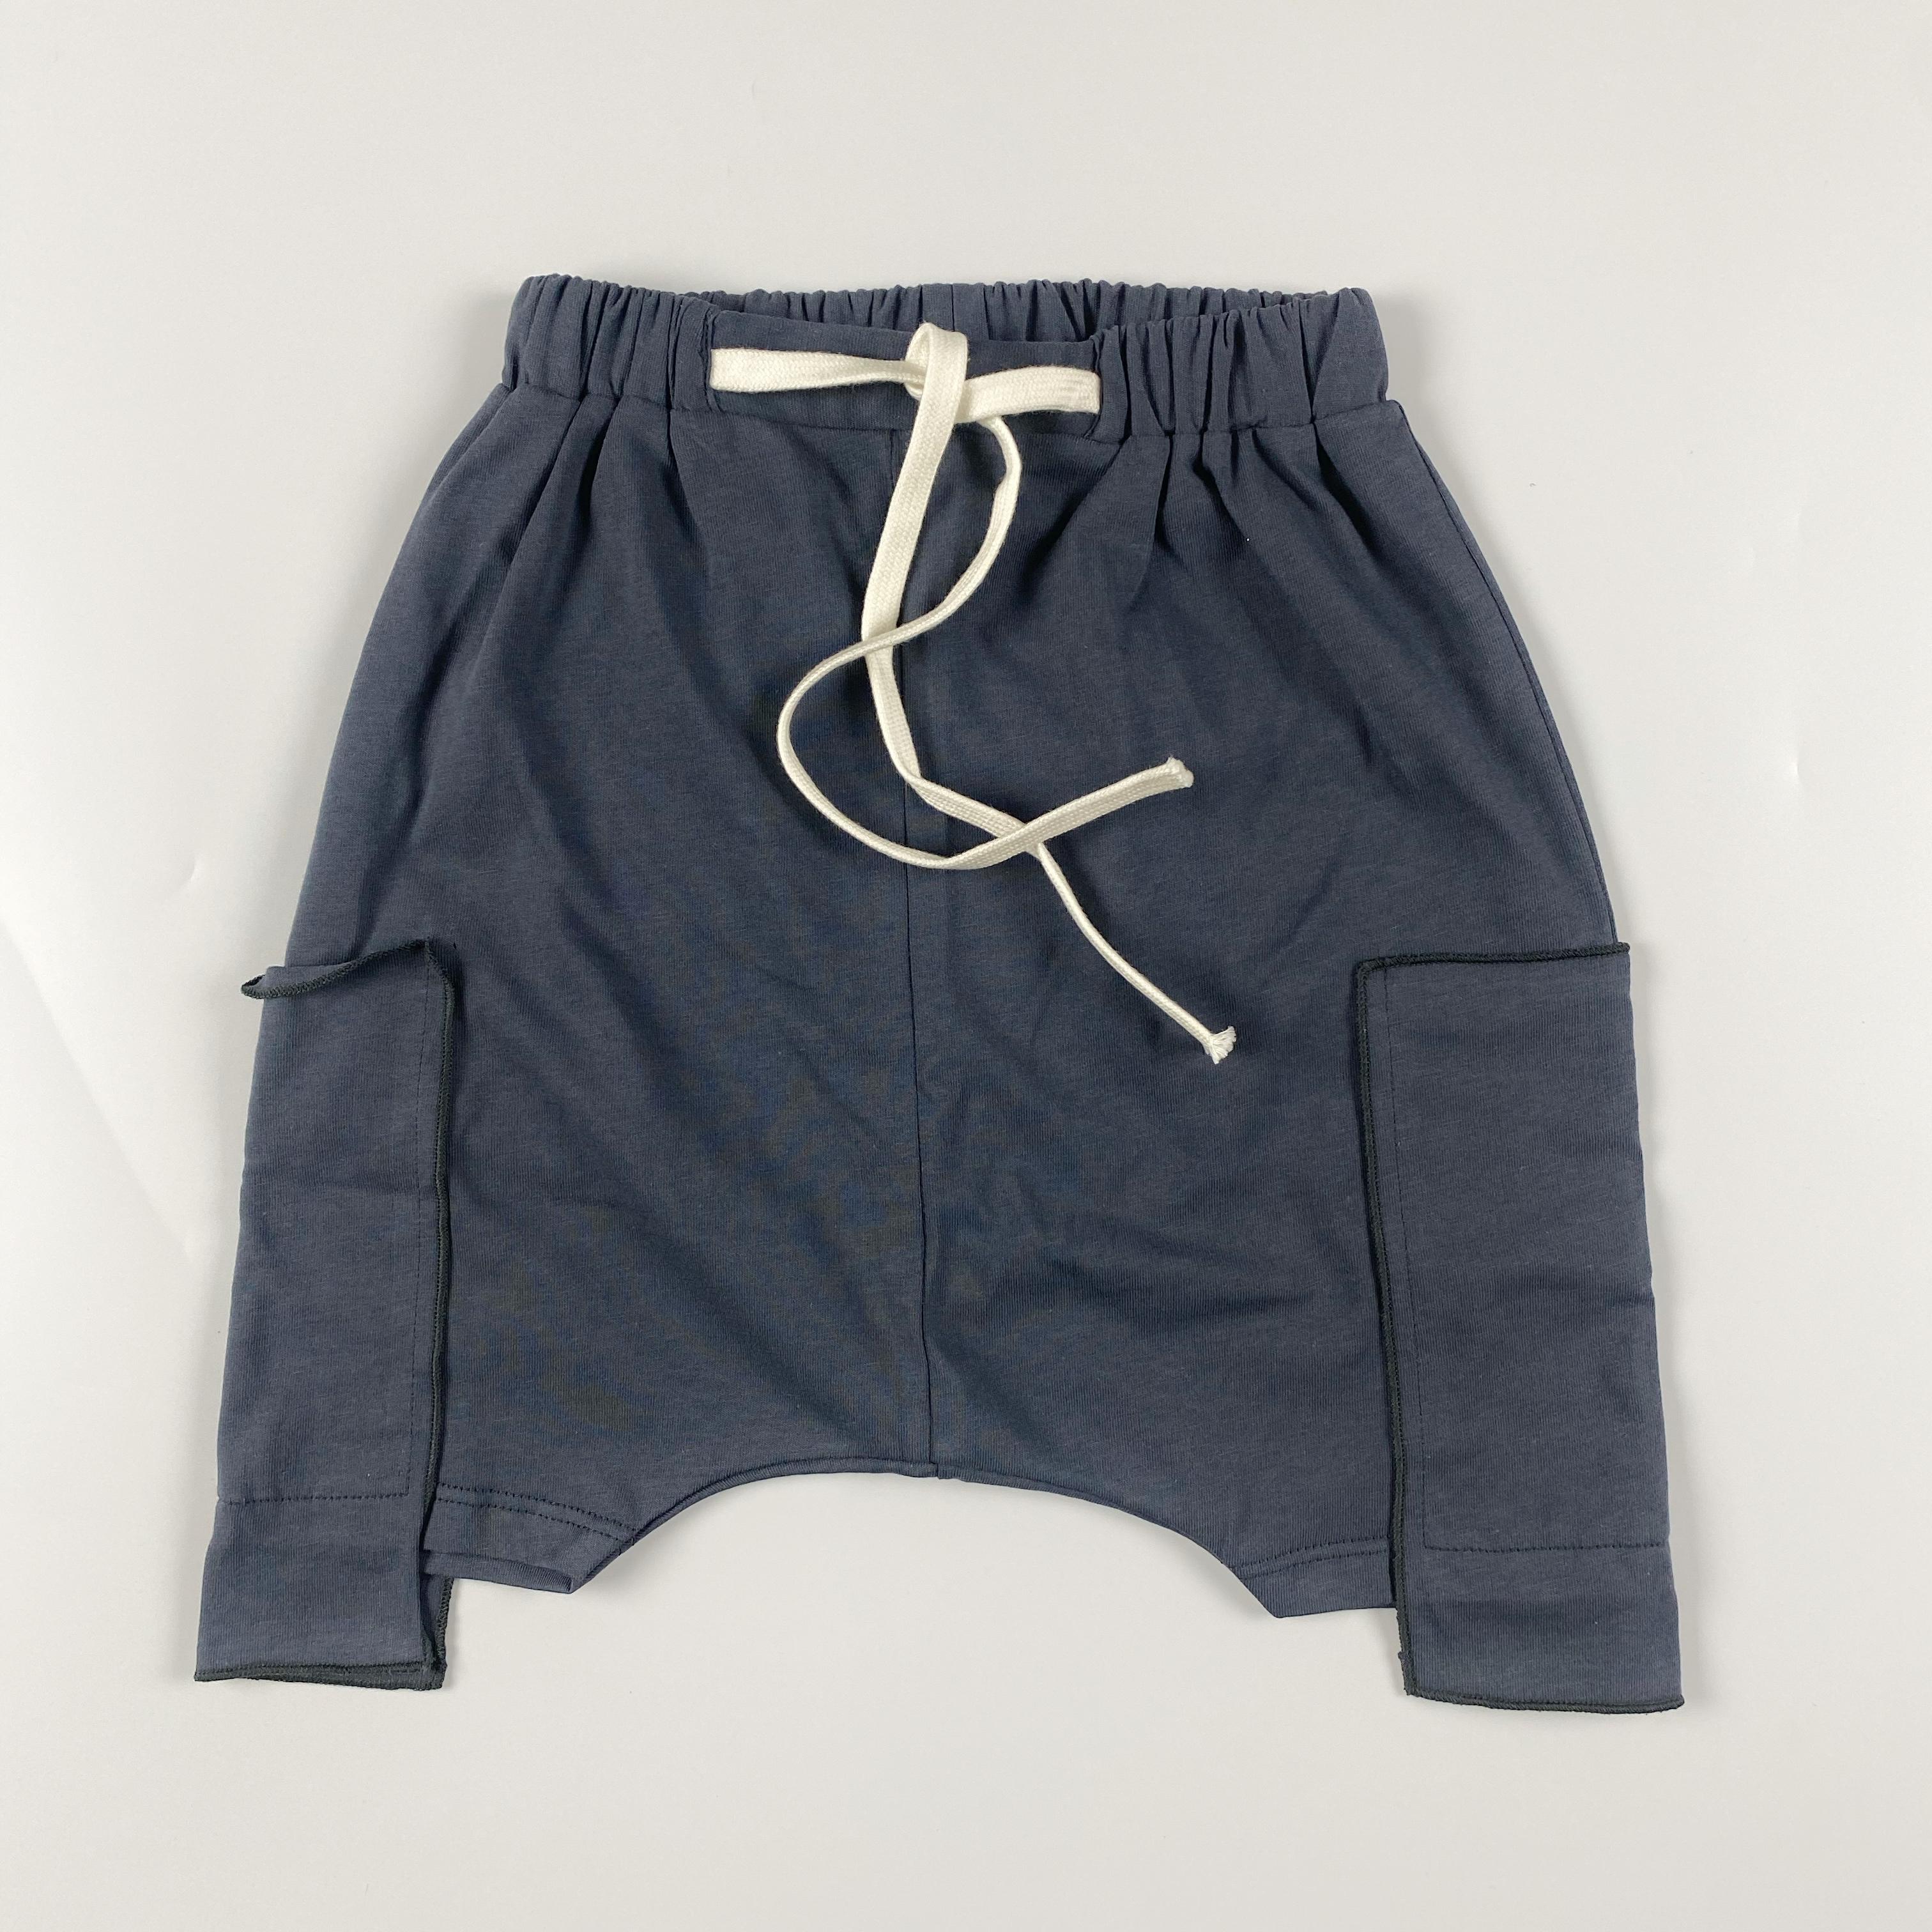 Pantaloncino con tasche in felpa